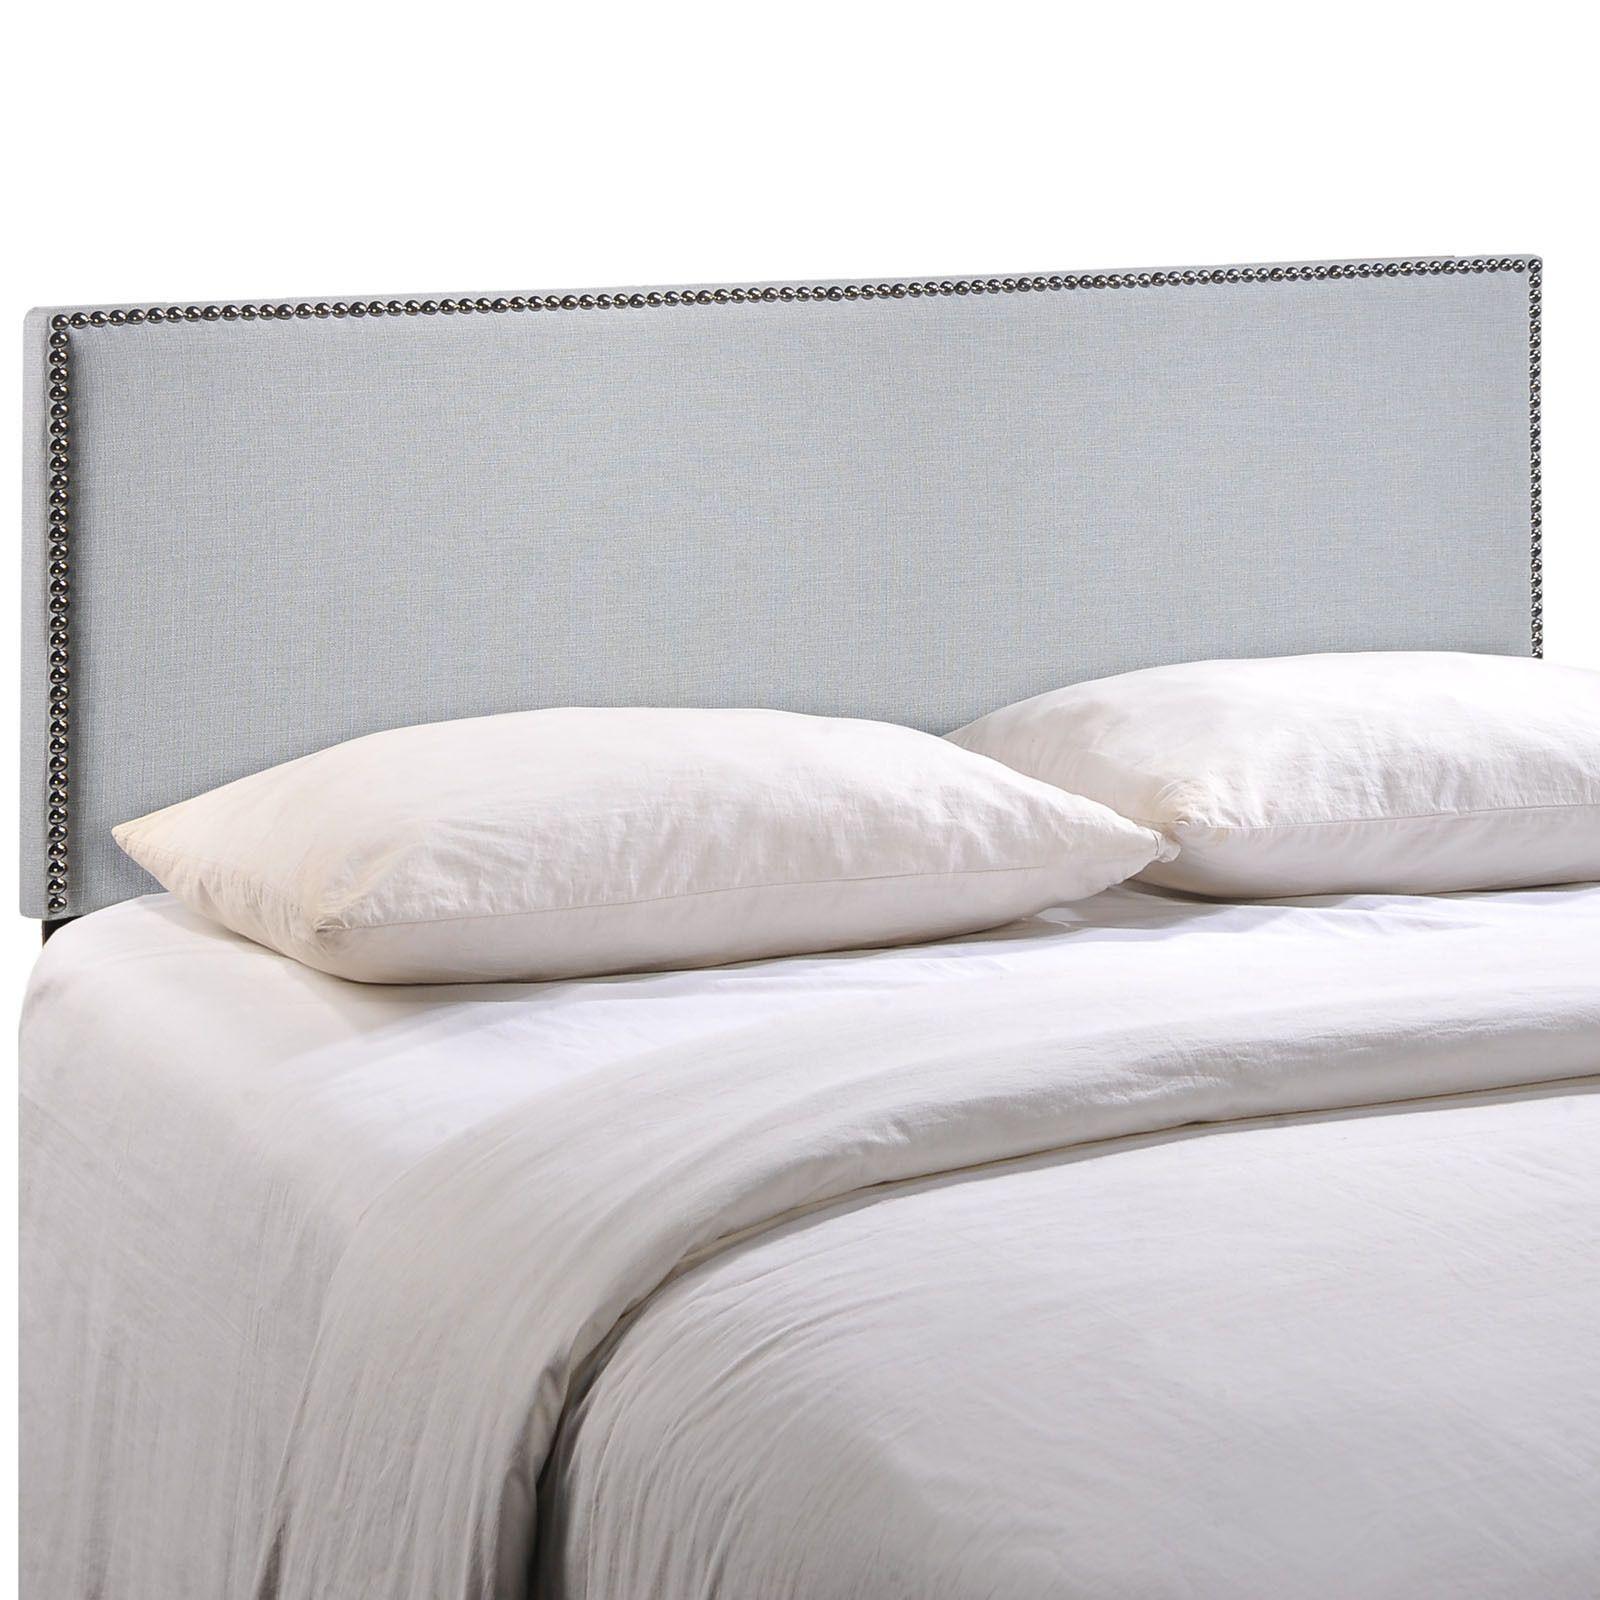 Region Queen Nailhead Upholstered Headboard - 16696319 - Overstock ...